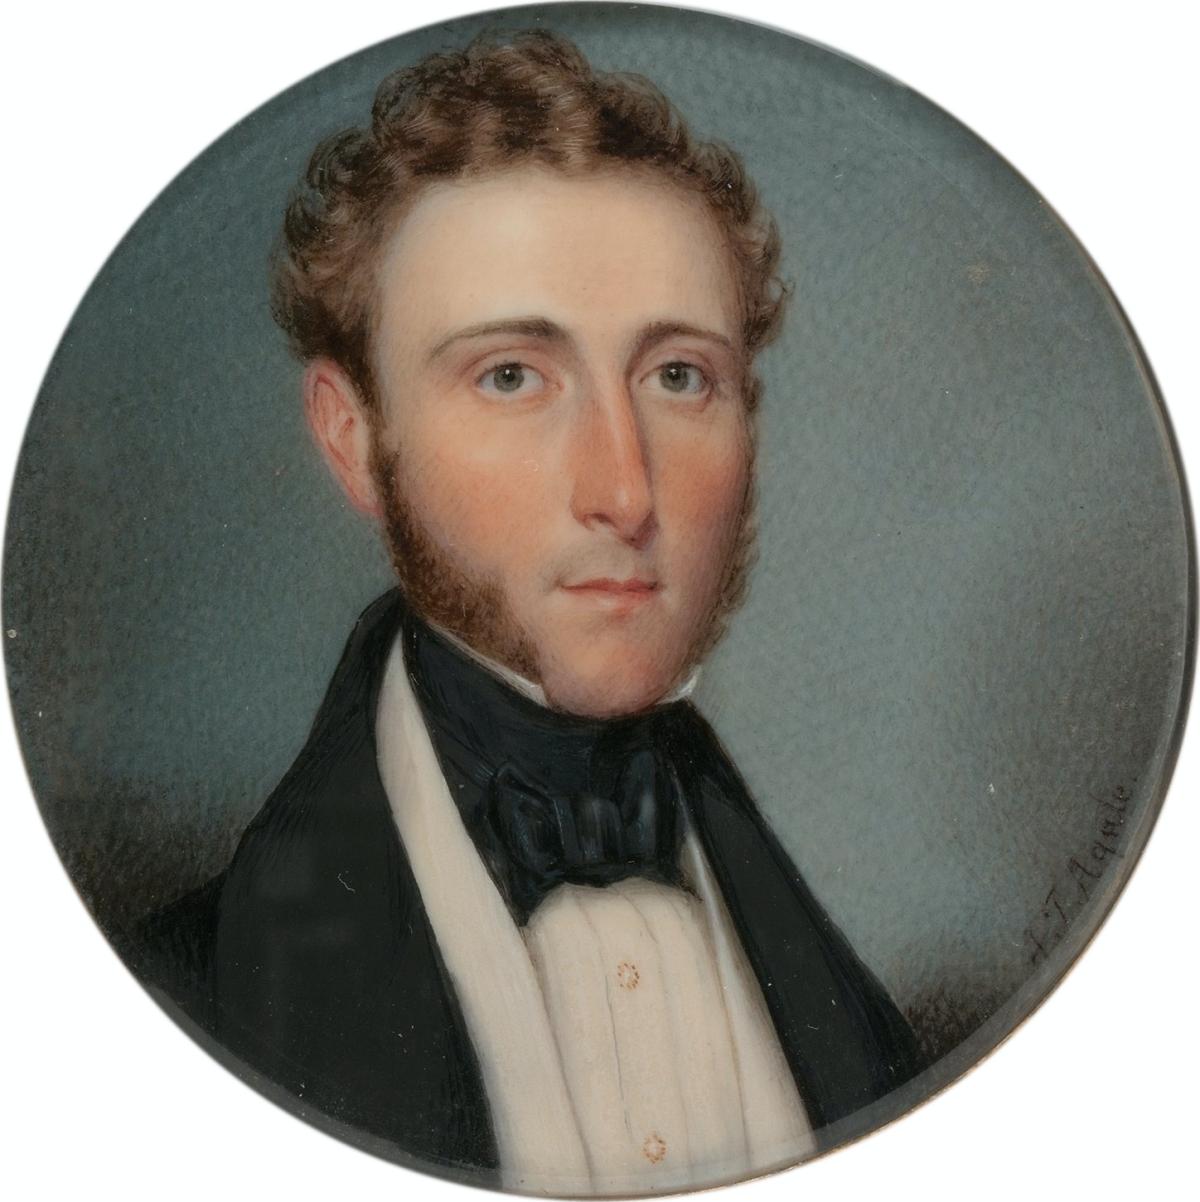 1835 miniature of a gentleman